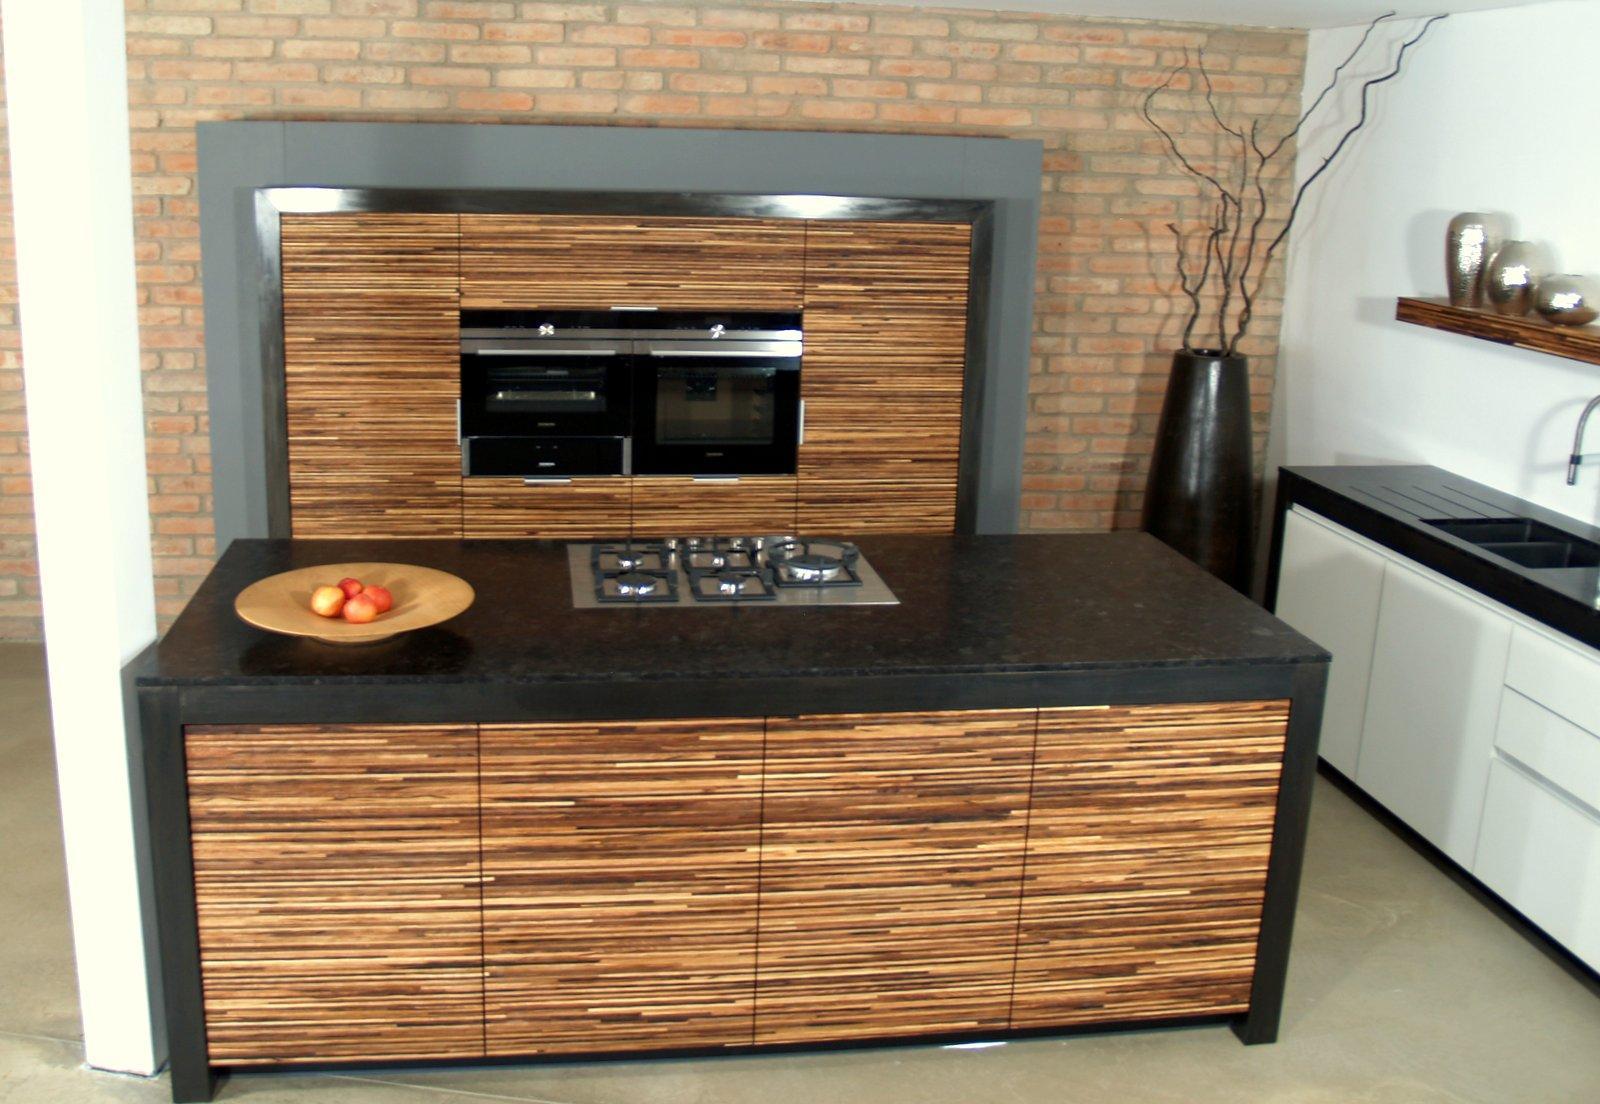 Holzküche • Bilder & Ideen • COUCHstyle